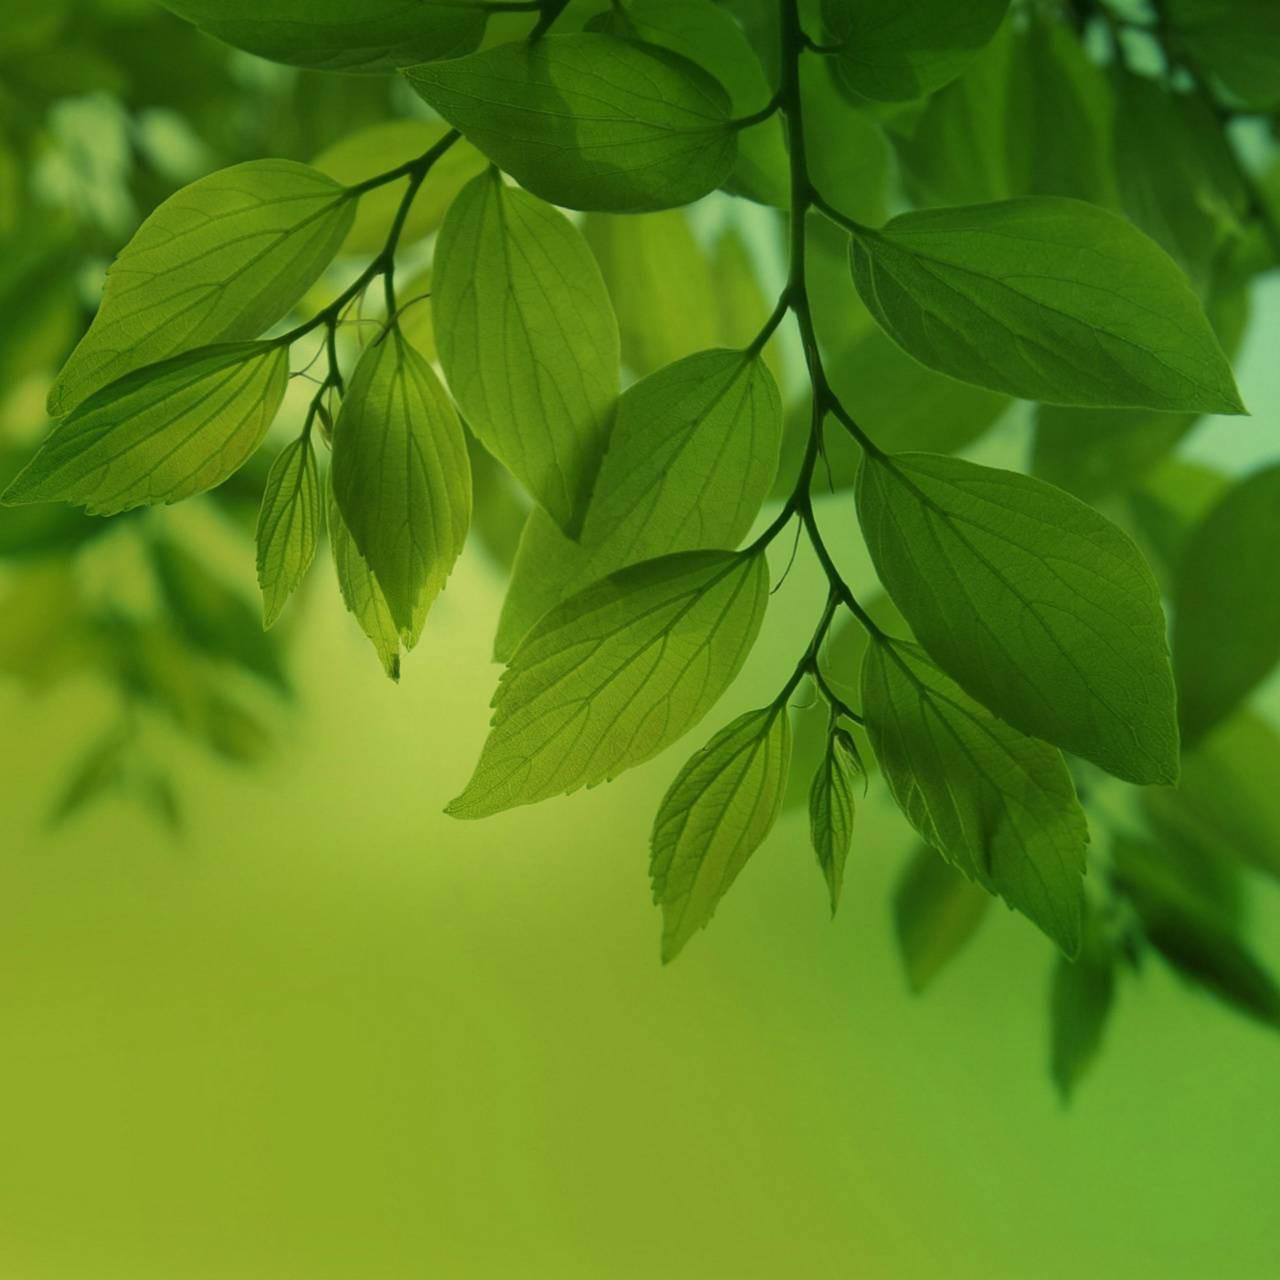 عکس زمینه برگ سبز شاداب پس زمینه